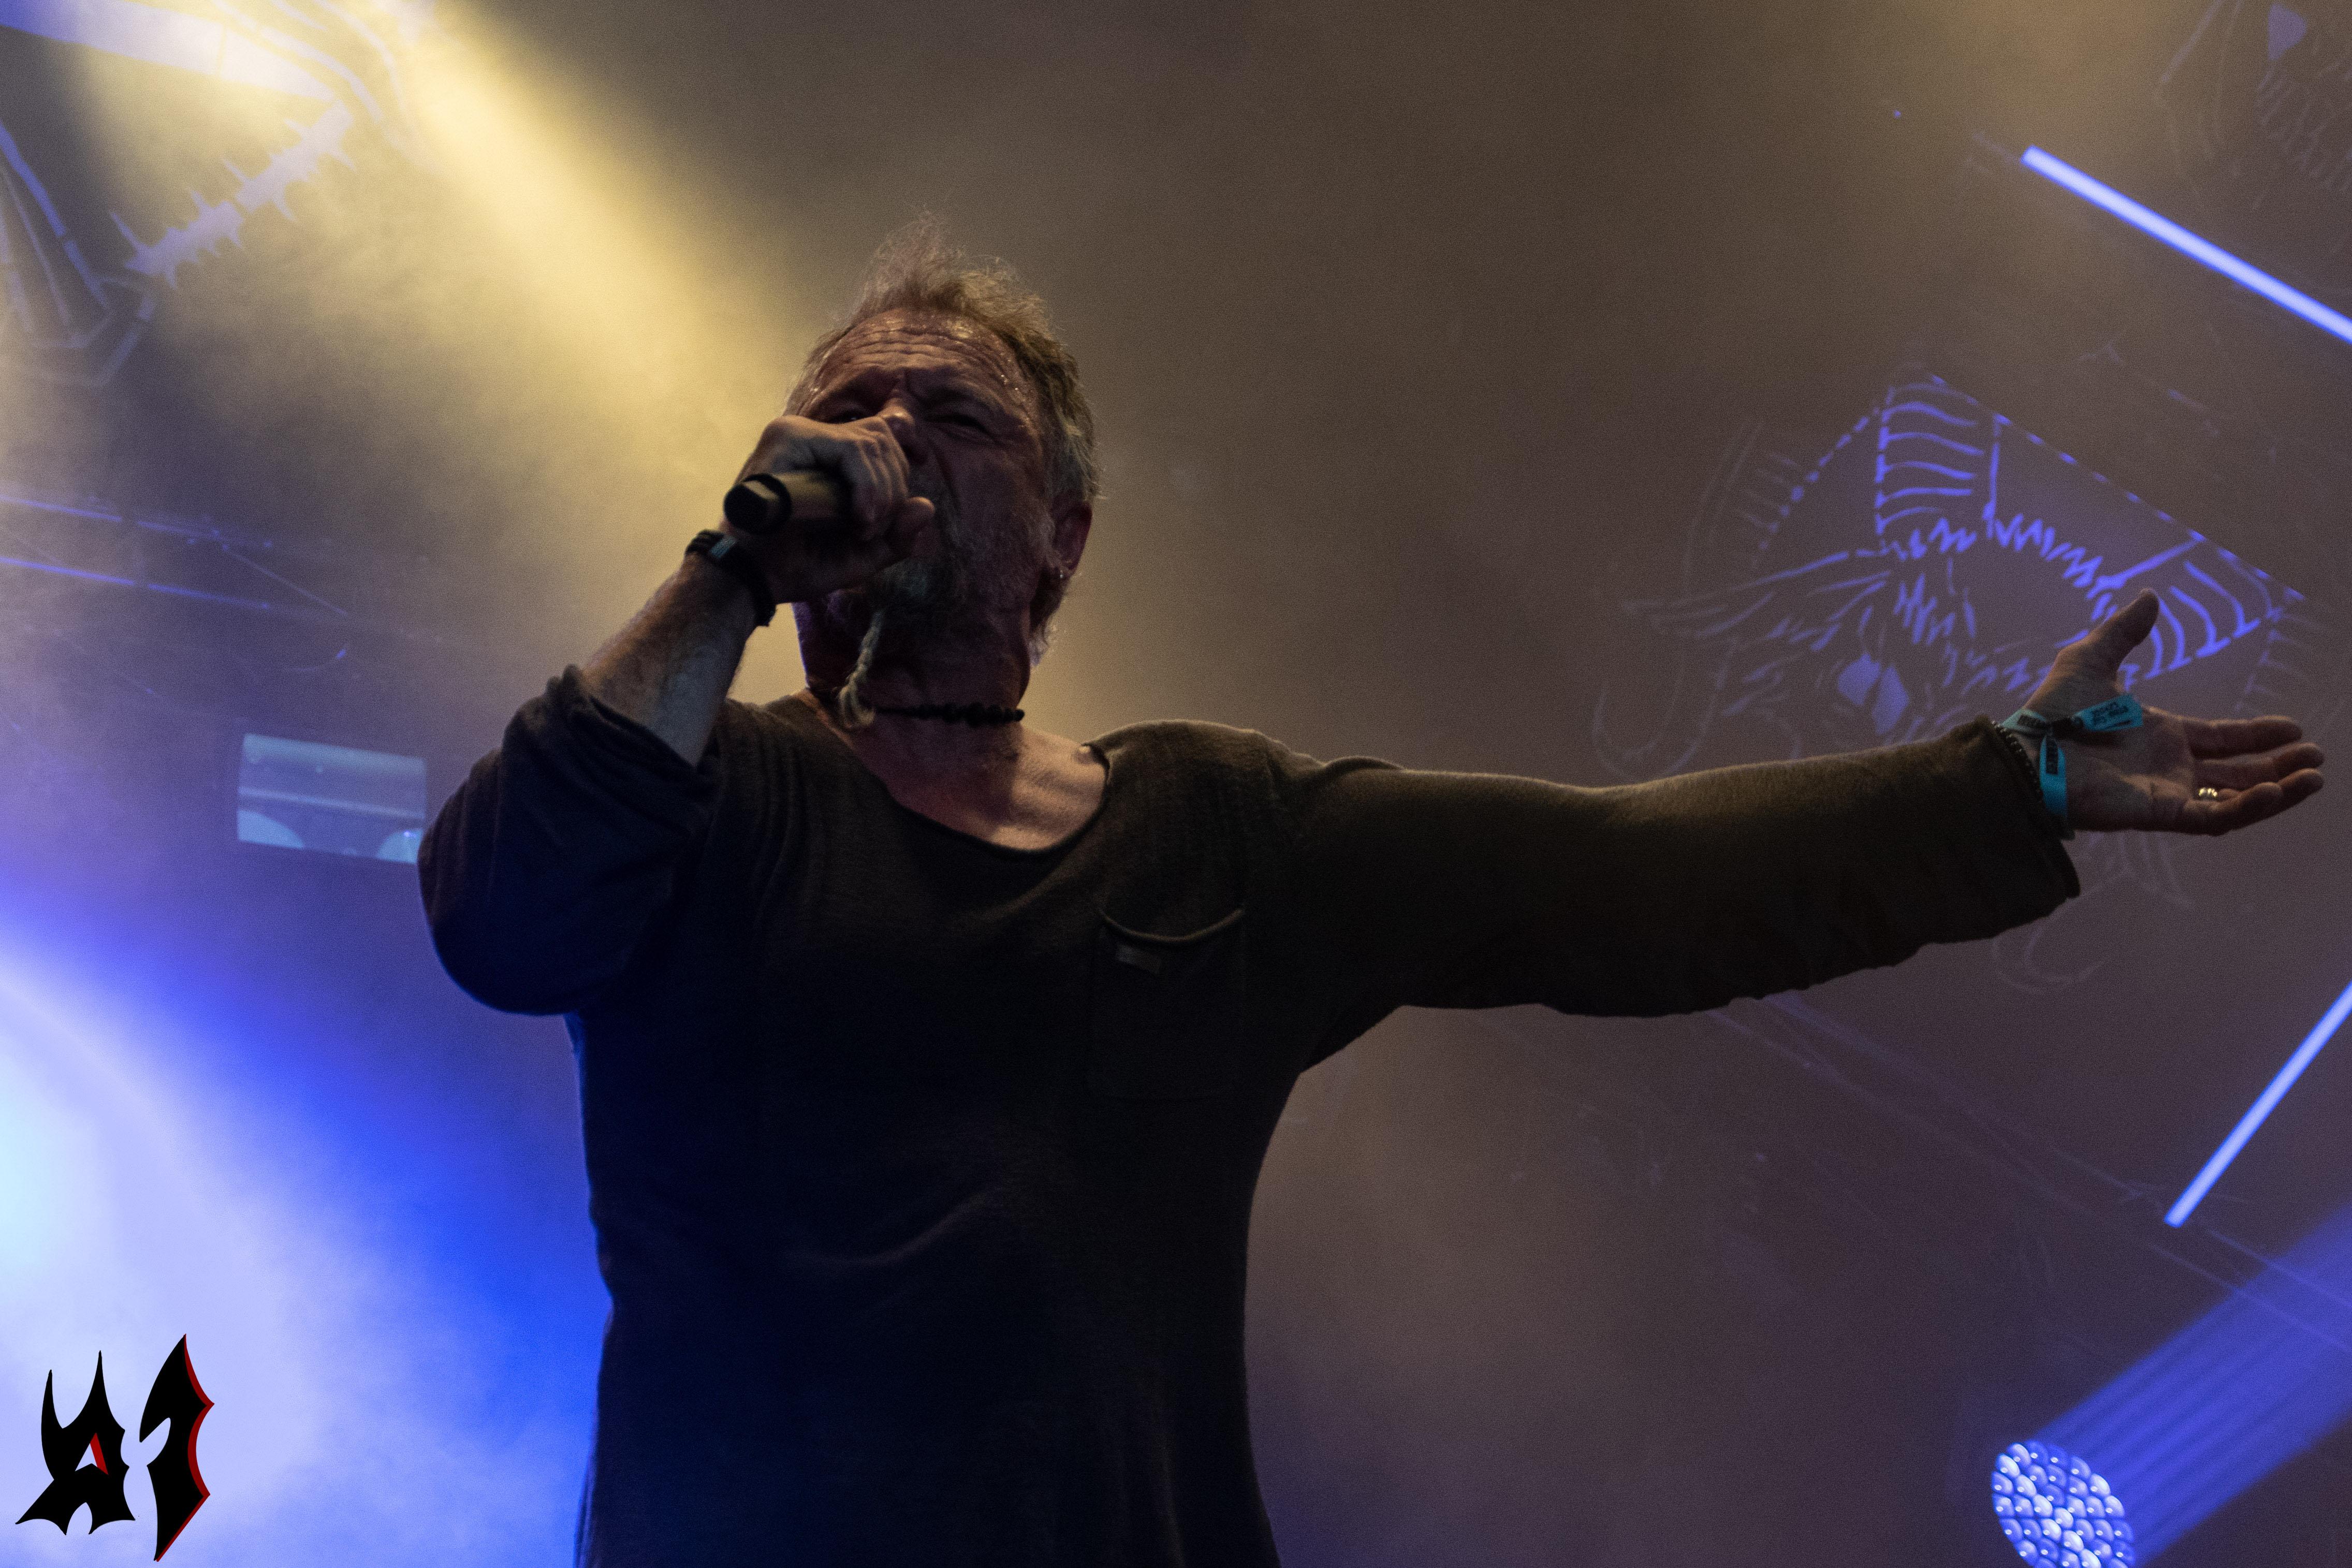 Hellfest - Candlemass - 25